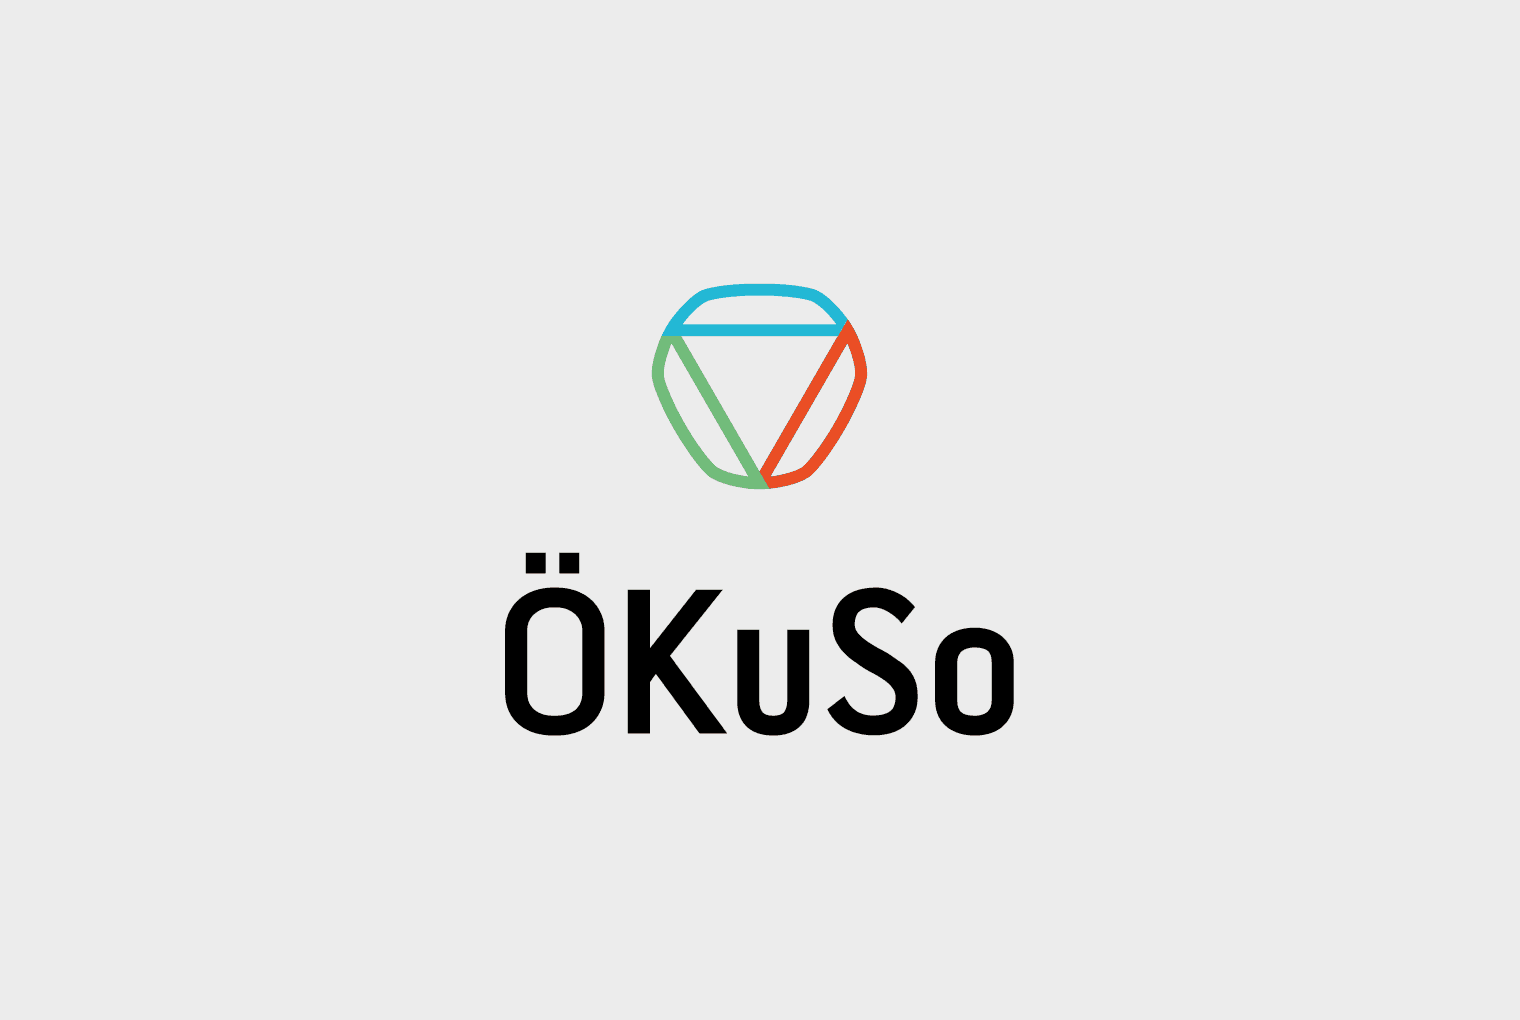 Logos_18_OeKuSo